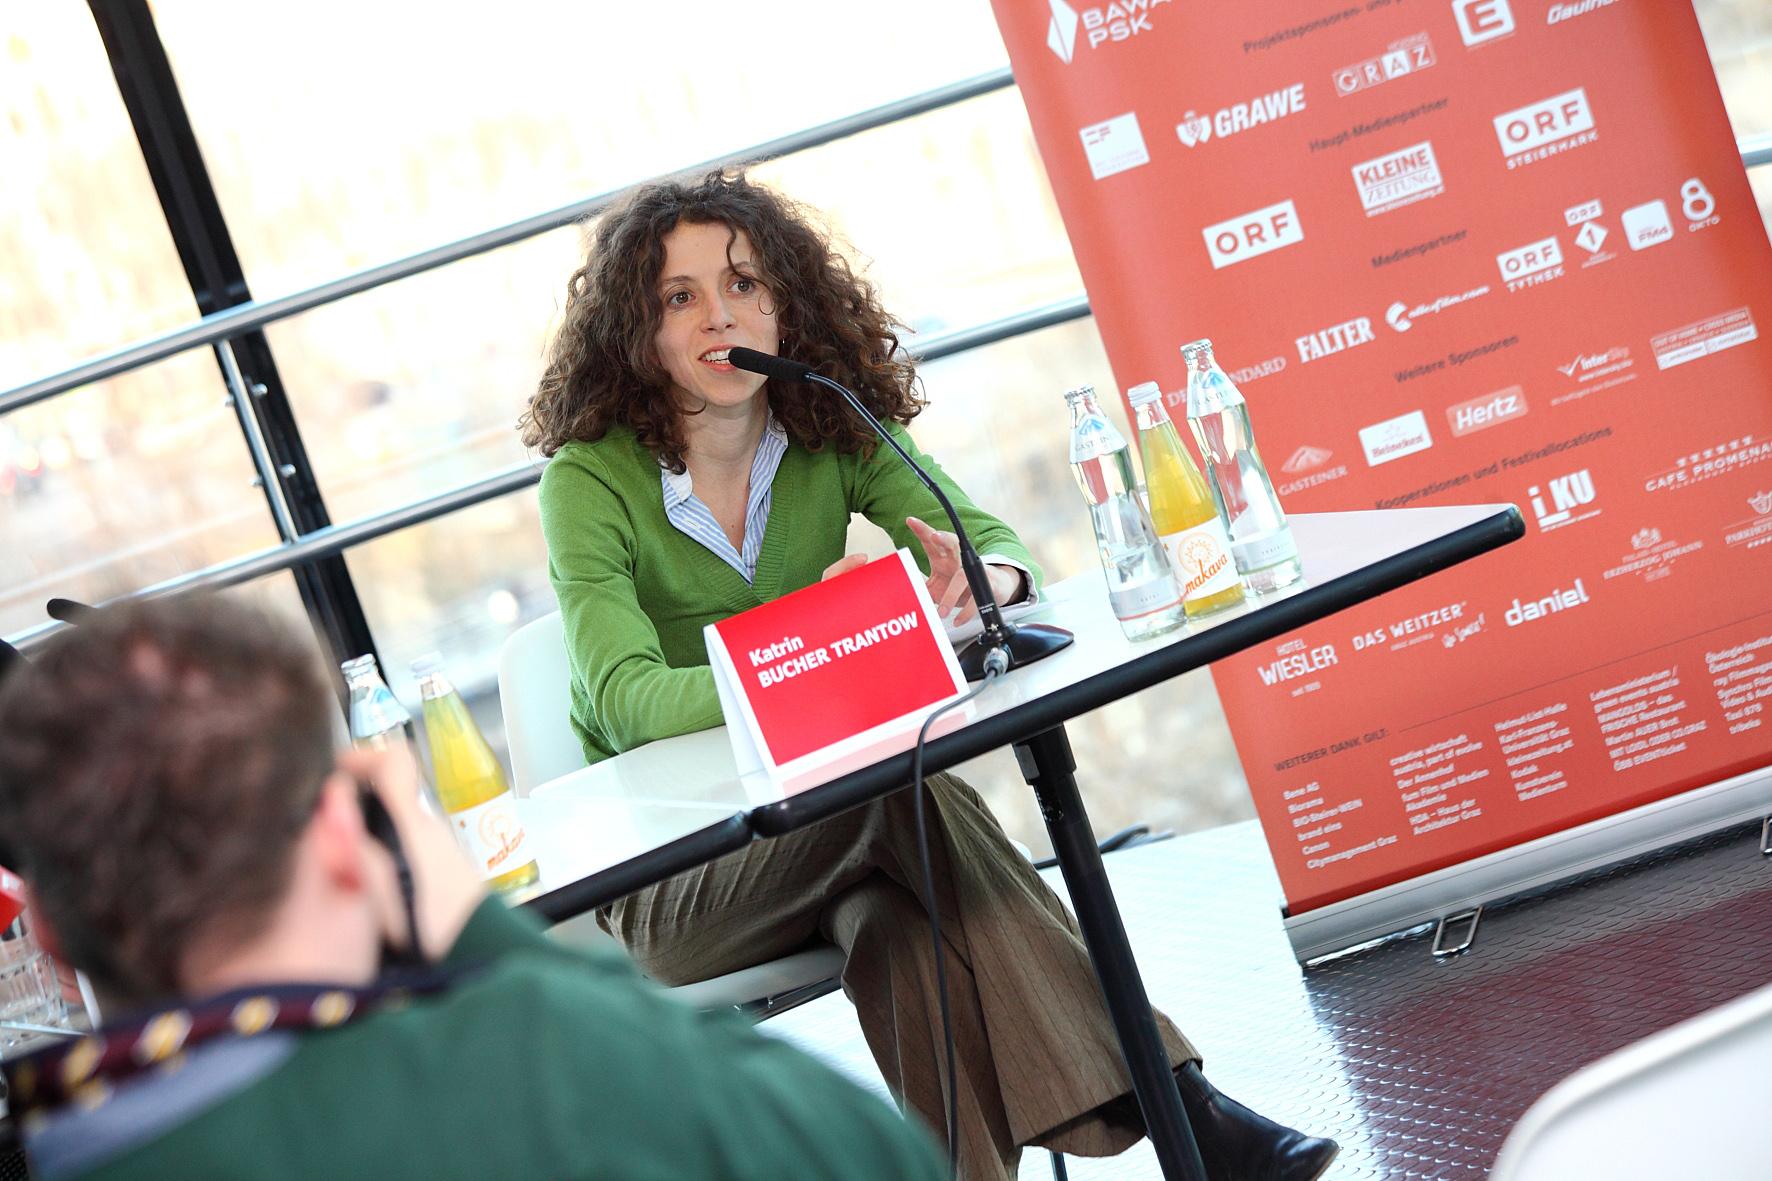 Katrin Bucher Trantow bei einer Pressekonferenz im Kunsthaus Graz, 2011, Foto: UMJ/N. Lackner